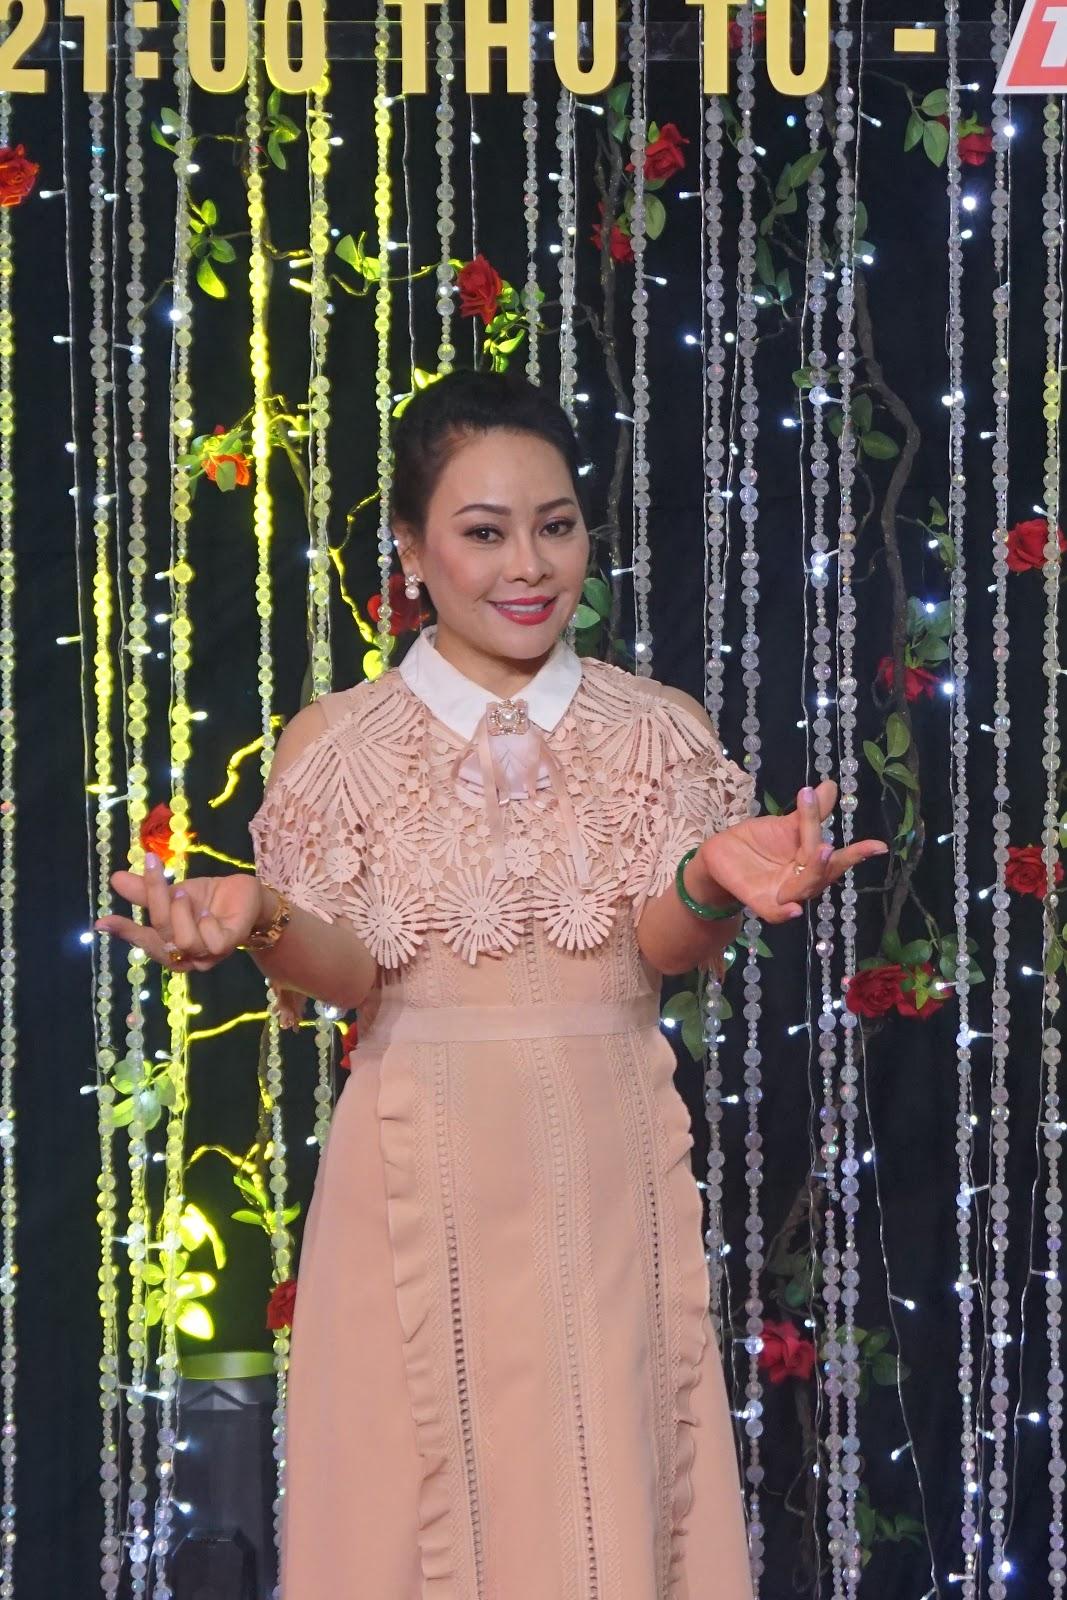 Đào Ngọc Sang, Hà Thúy Anh tham gia Hãy Nghe Tôi Hát - Nhạc Sĩ Chủ Đề - Hình 4